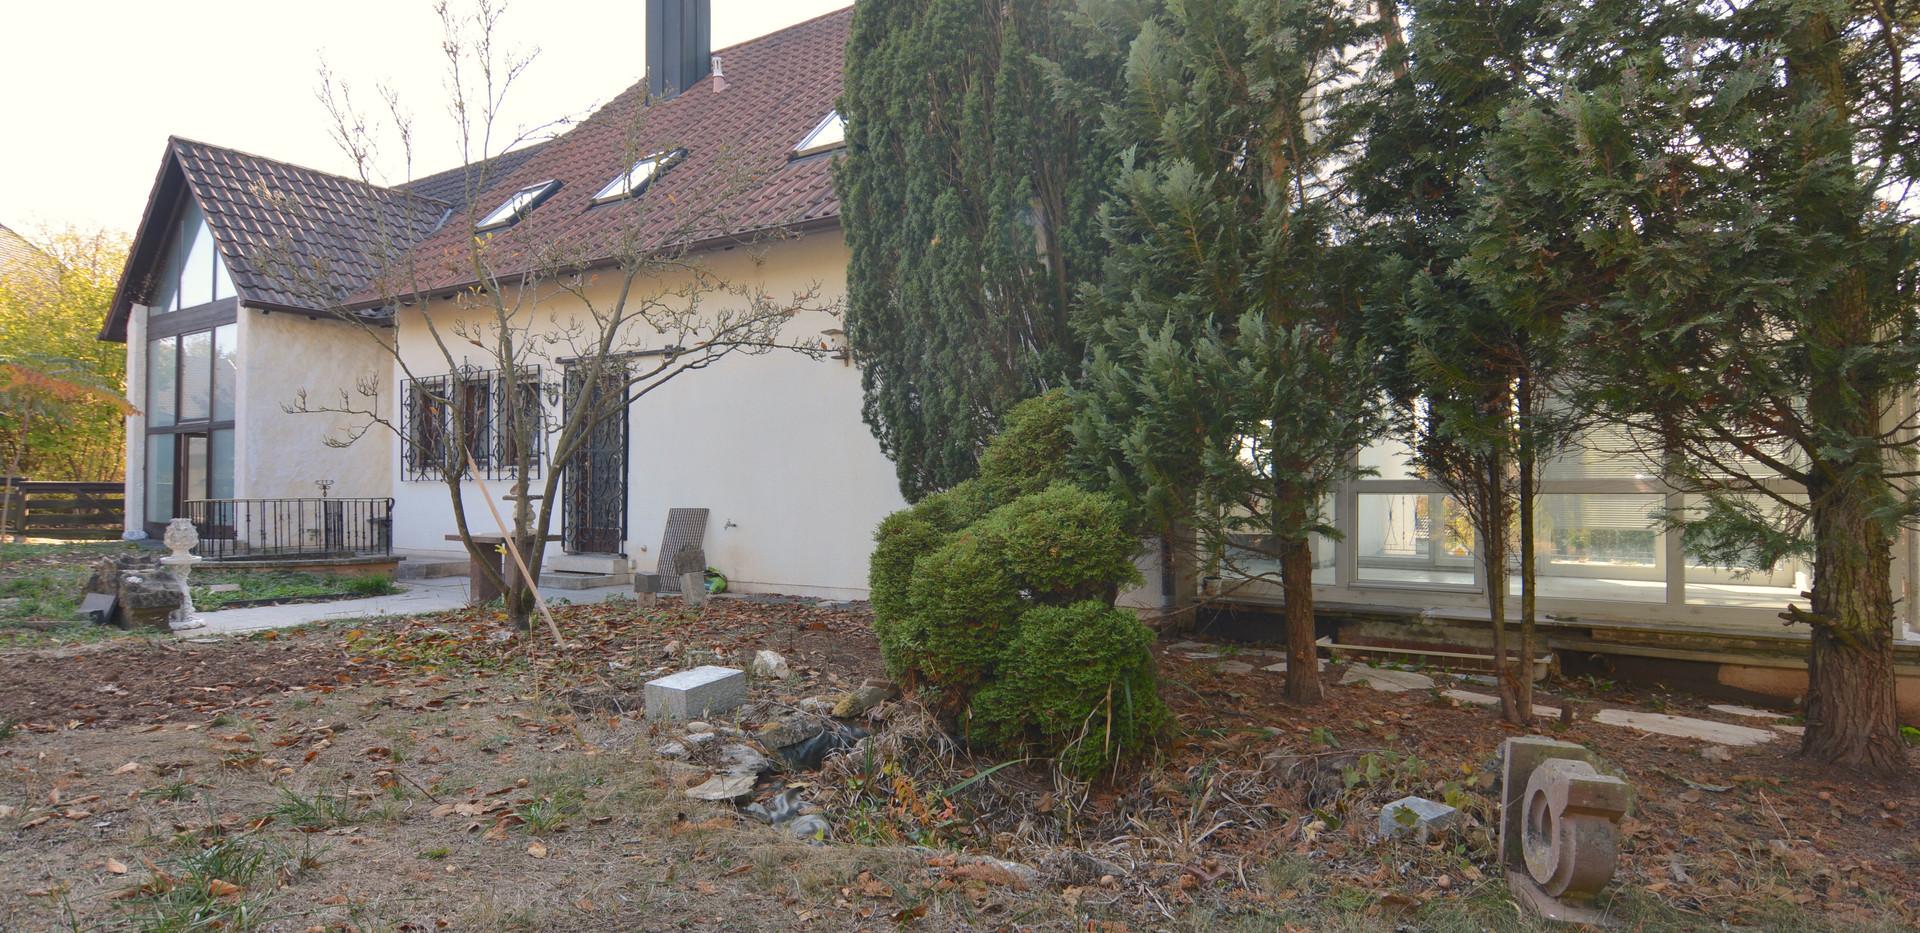 House Bavaria11.jpg